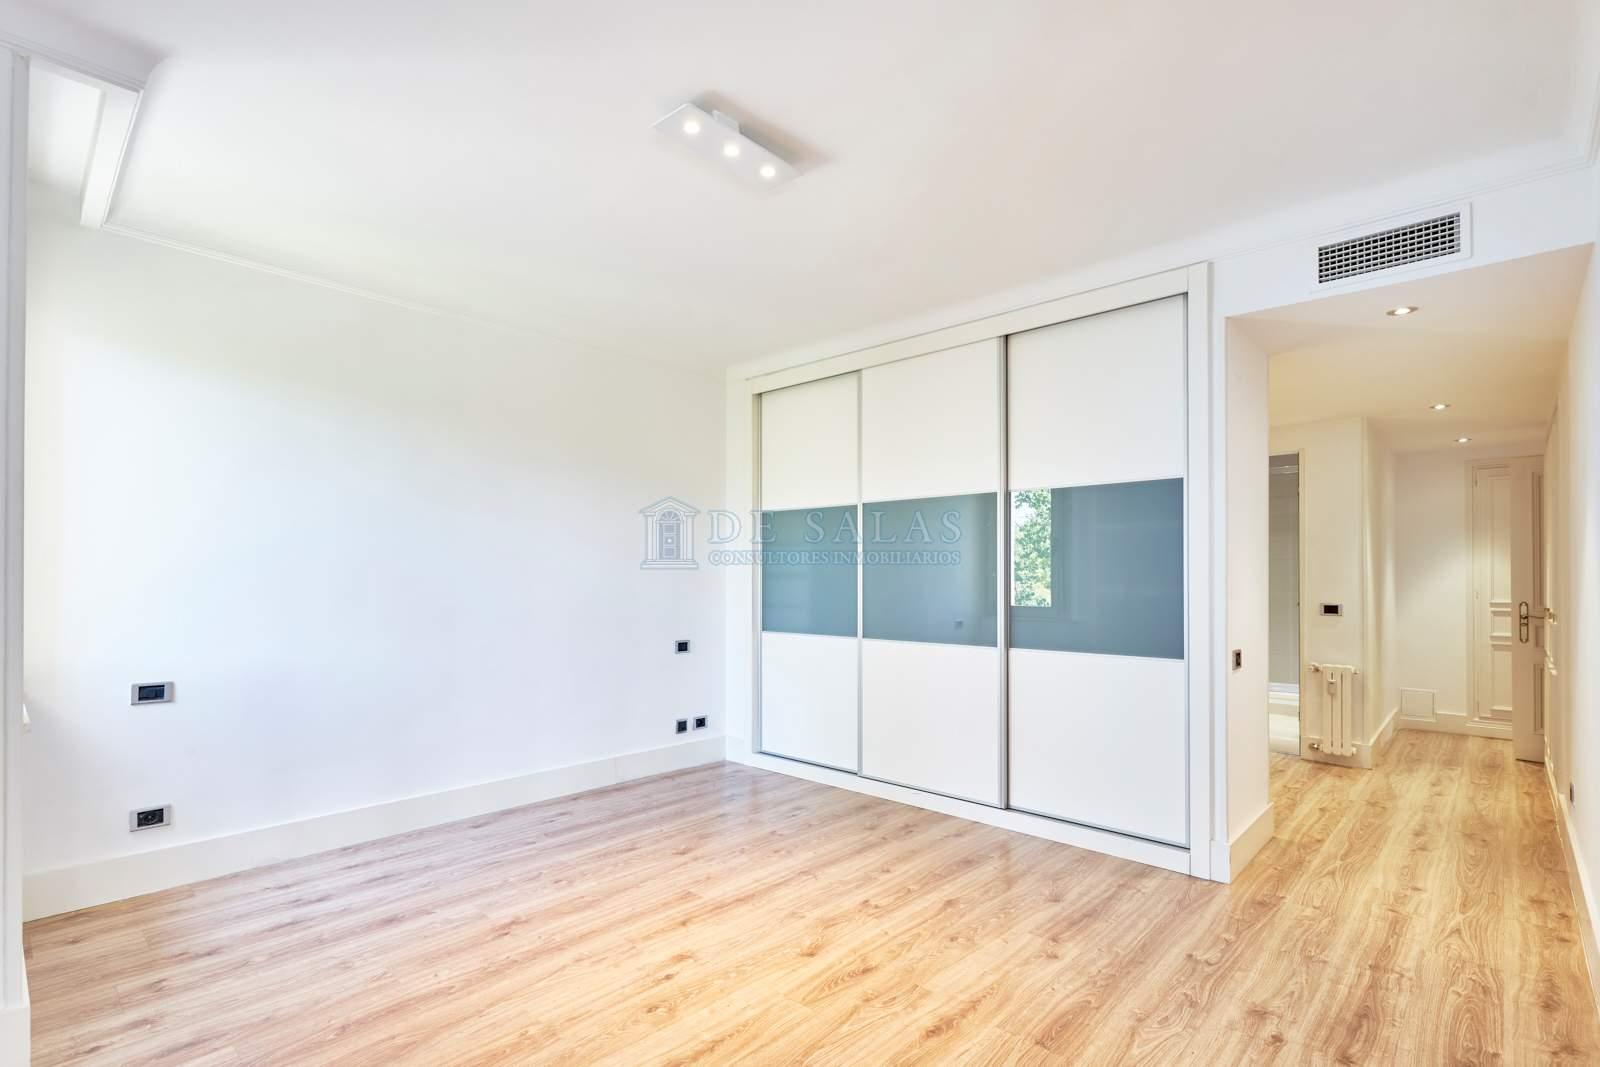 Dormitorio-007 Appartement Soto de la Moraleja